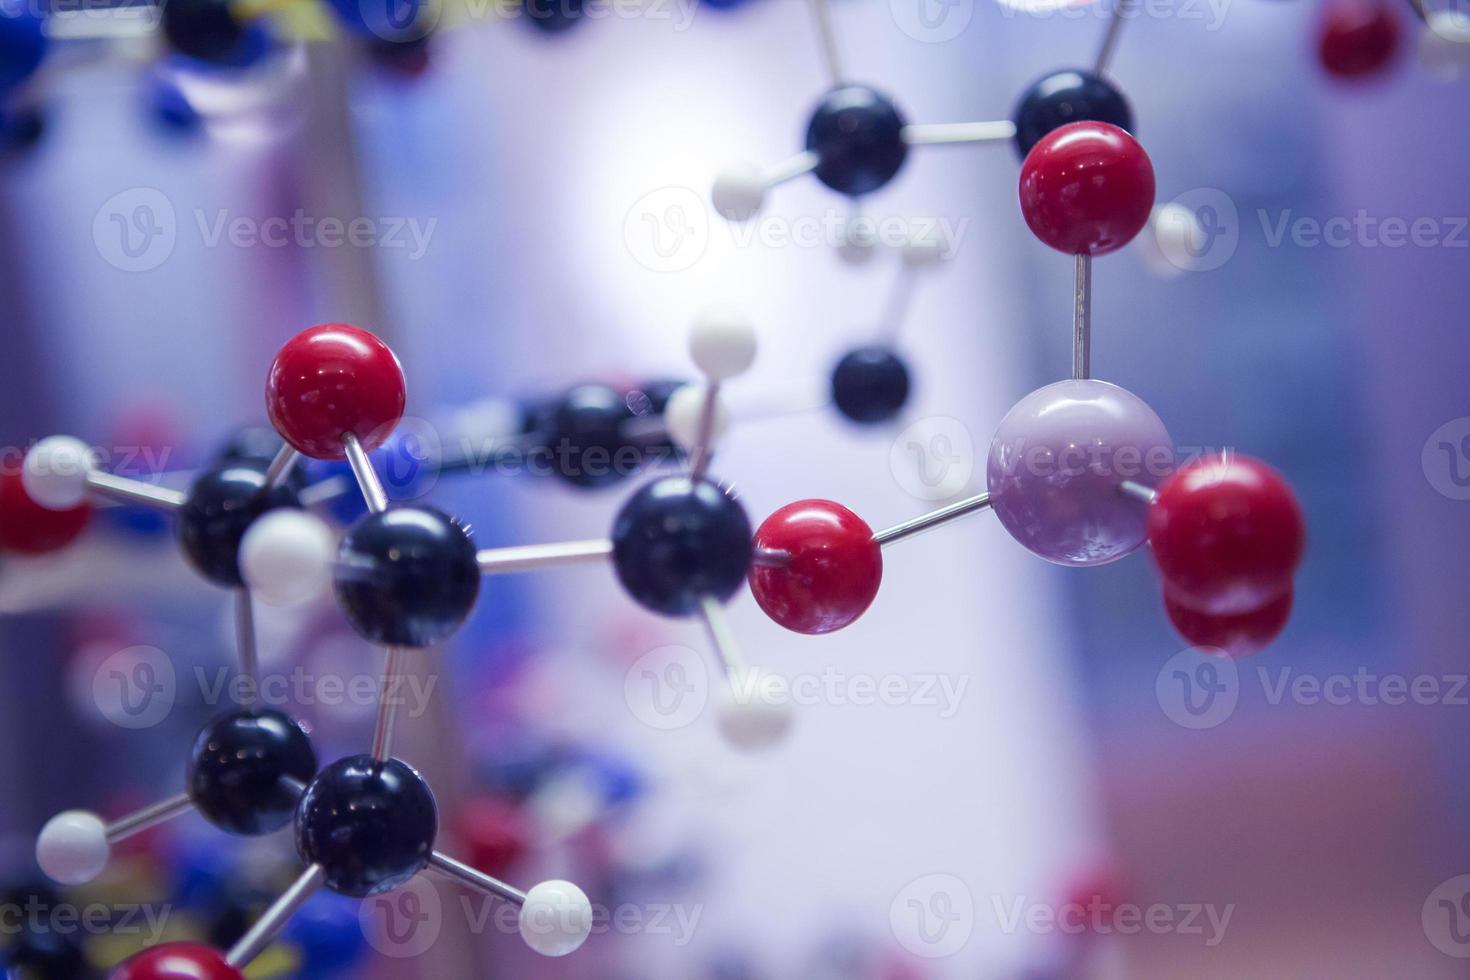 wetenschap moleculaire dna-structuur, zakelijke communicatie verbinding concept foto